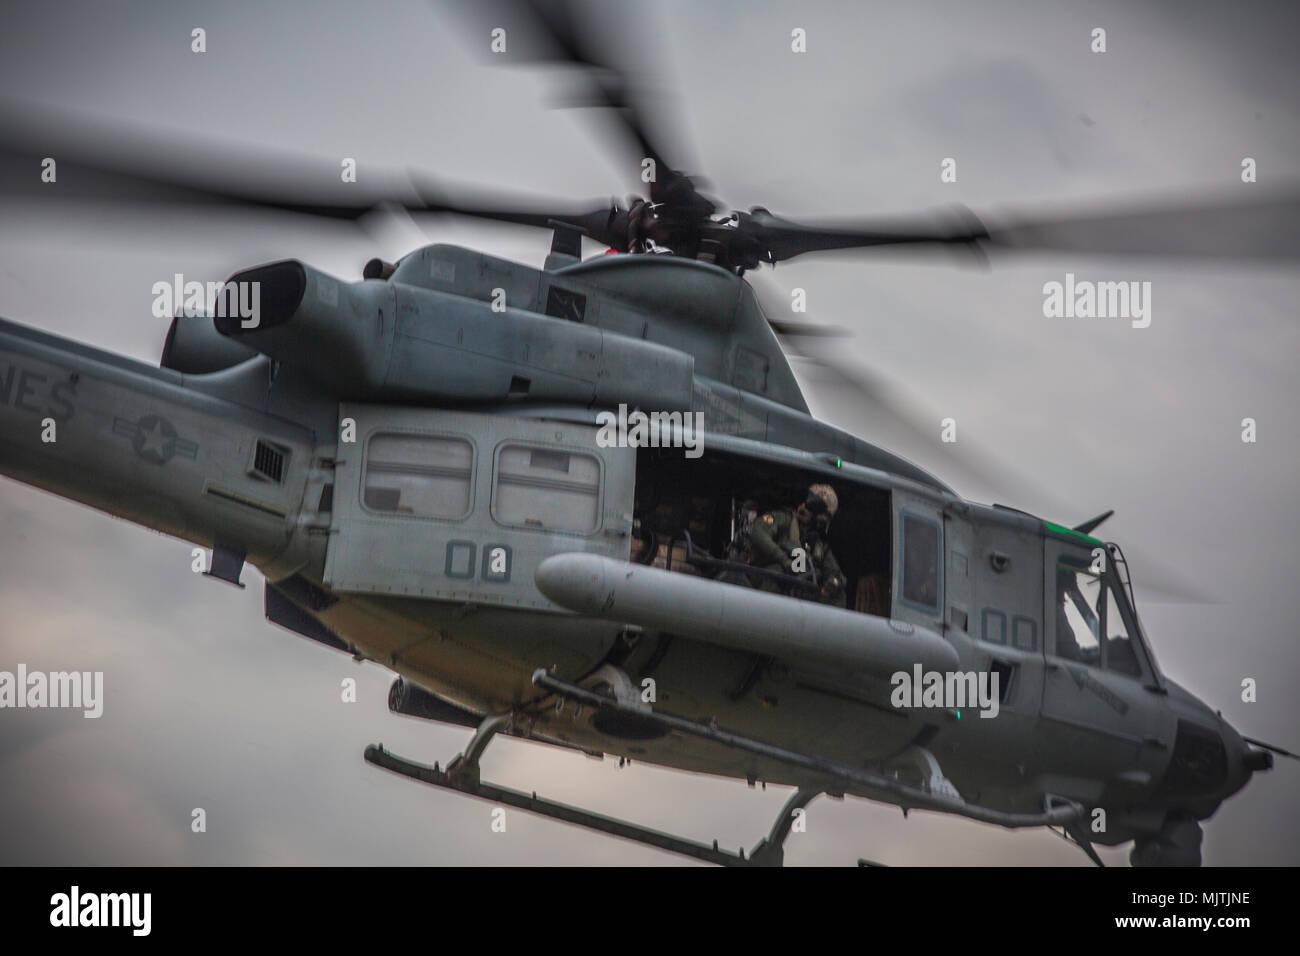 """El Teniente General Brian D. Beaudreault, comandante adjunto de los planes, políticas y operaciones, habla con el UH-1Y Venom tripulación en Camp Foster, Okinawa, Japón, 15 de diciembre de 2017. Luz marina 369 escuadrón de helicópteros de ataque siempre Beaudreault un vuelo alrededor de la Prefectura de Okinawa para evaluar la calidad de los servicios de la Marine Corps chowhalls. """"Gunfighters"""" dispuestos a actuar en un momento dado es crucial para mantener una más fuerte, más capaz transmita fuerza desplegada en la región del Pacífico Indo-Asia. HMLA-369, Marina, 3er grupo 39 aviones de alas de avión Marino, está actualmente desplegadas en virtud de la u Foto de stock"""